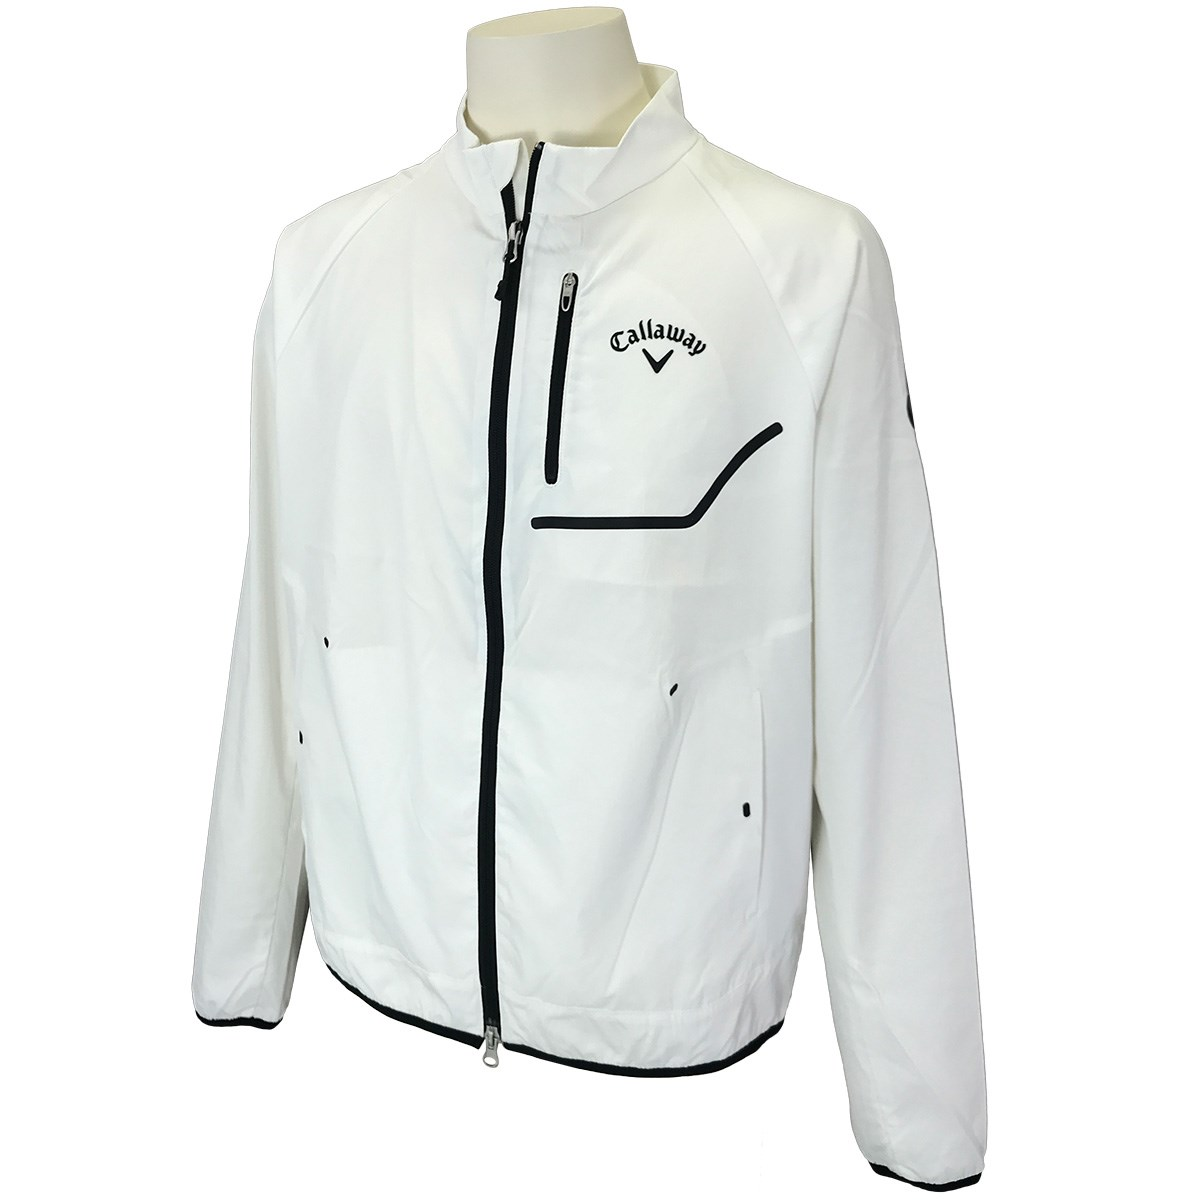 キャロウェイゴルフ Callaway Golf フルジップボックスブルゾン M ホワイト 030